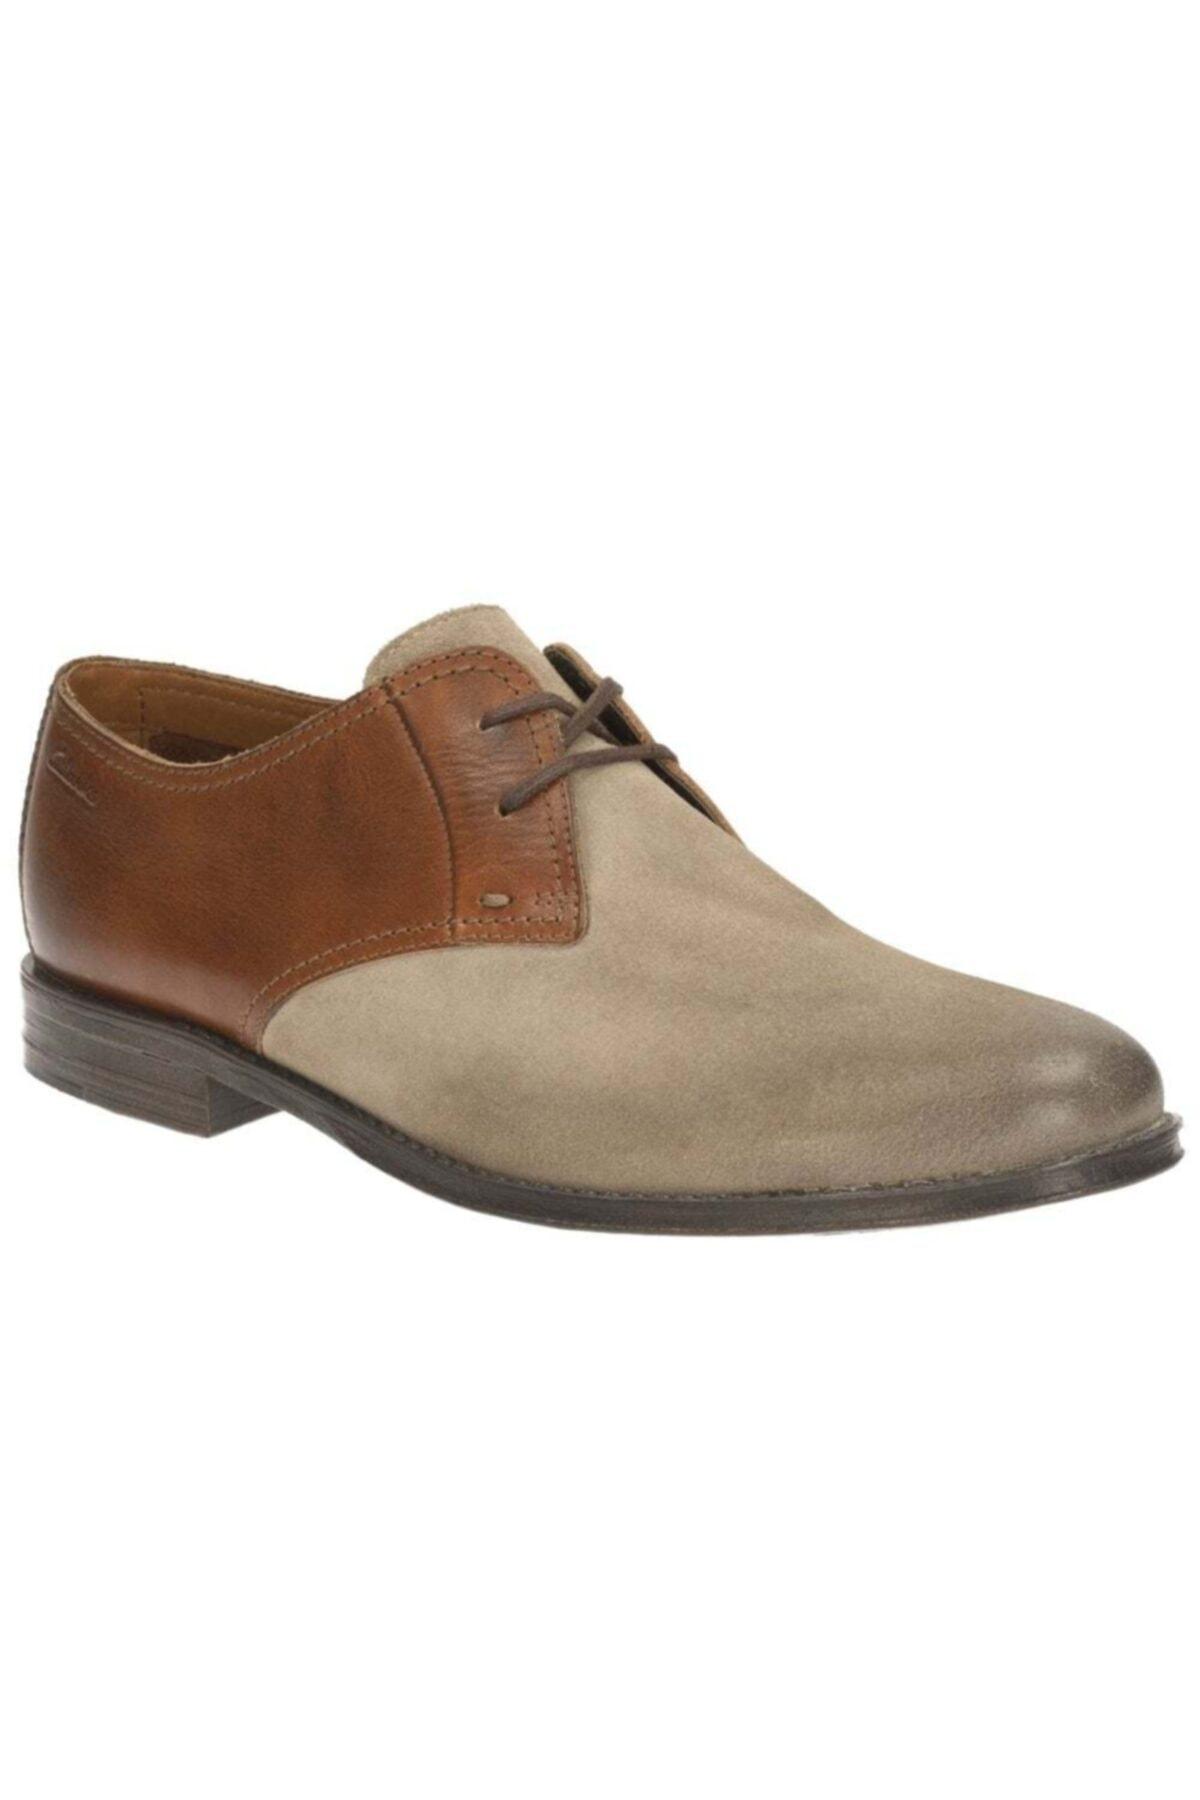 CLARKS Erkek  Kahverengi Bağcıklı Ayakkabı 1